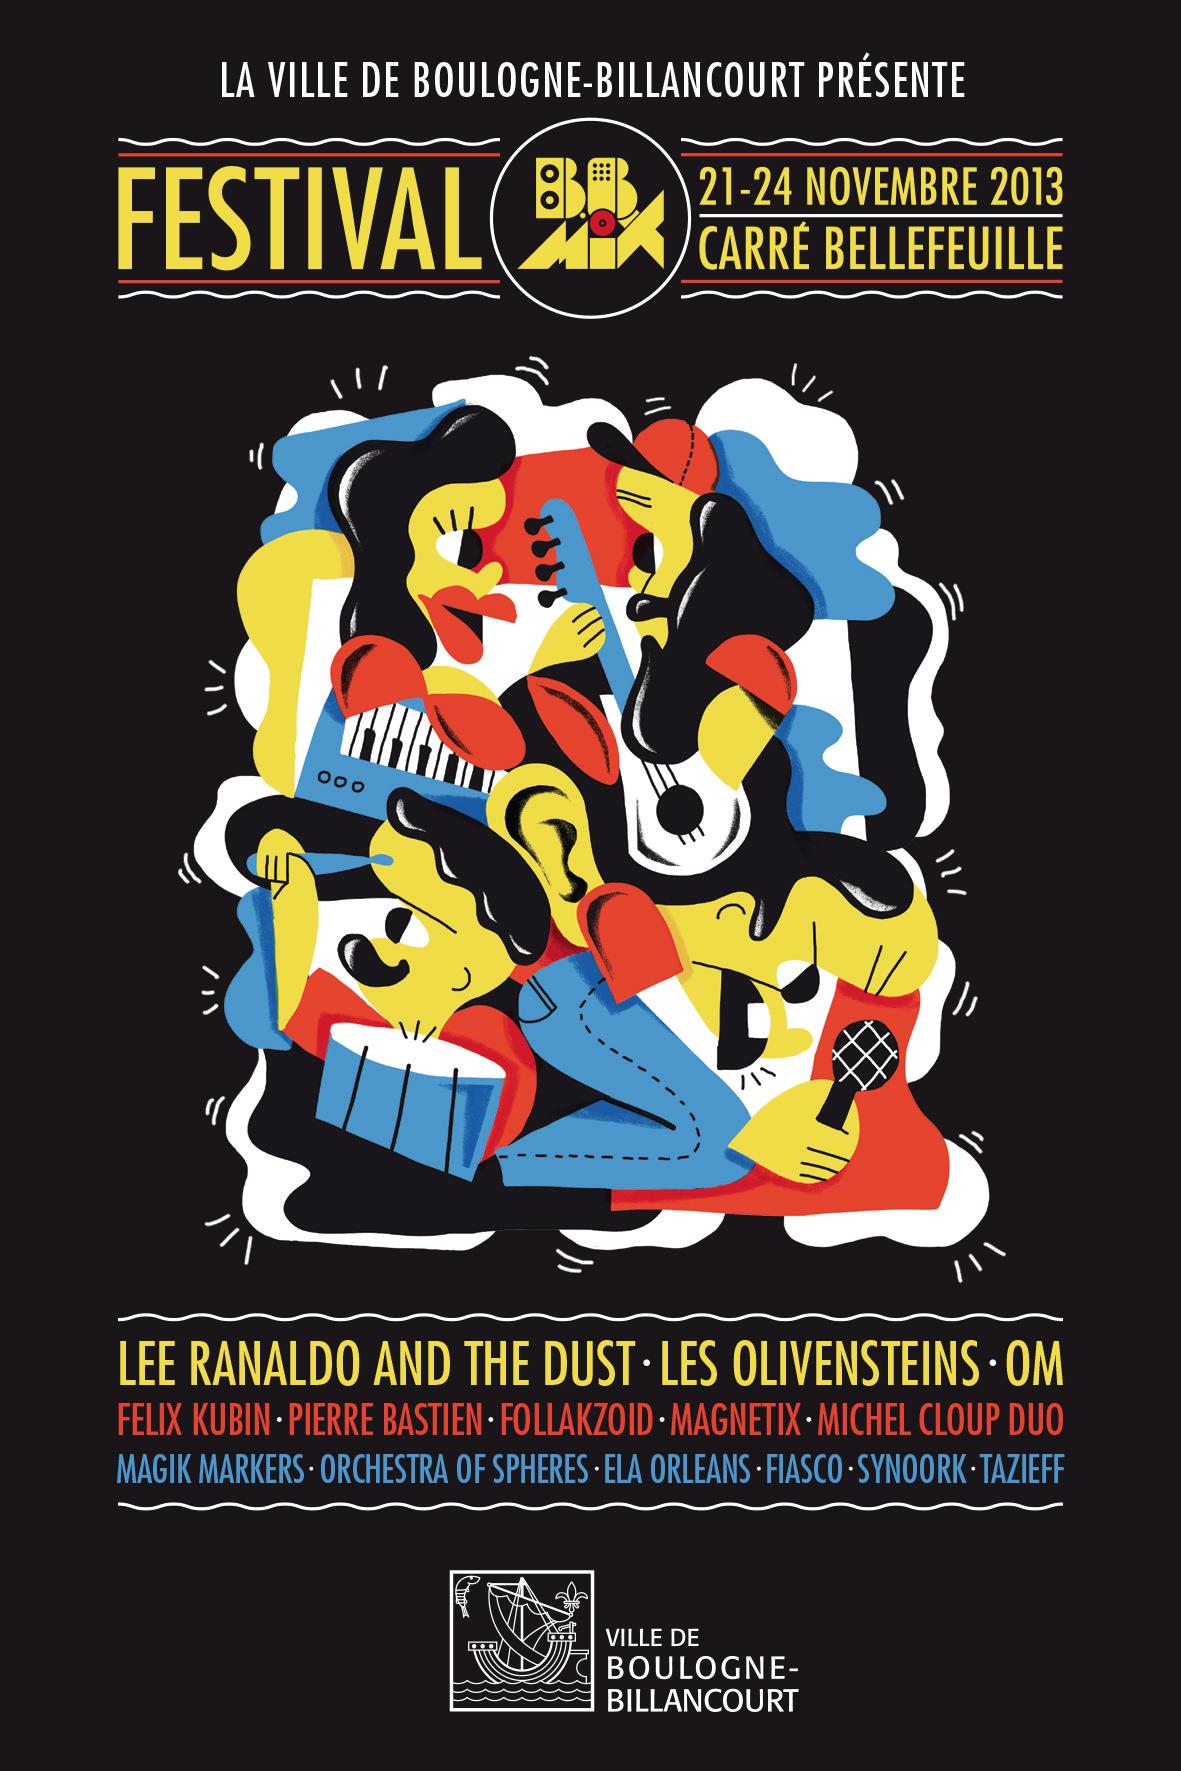 Le festival BBMIX 2013